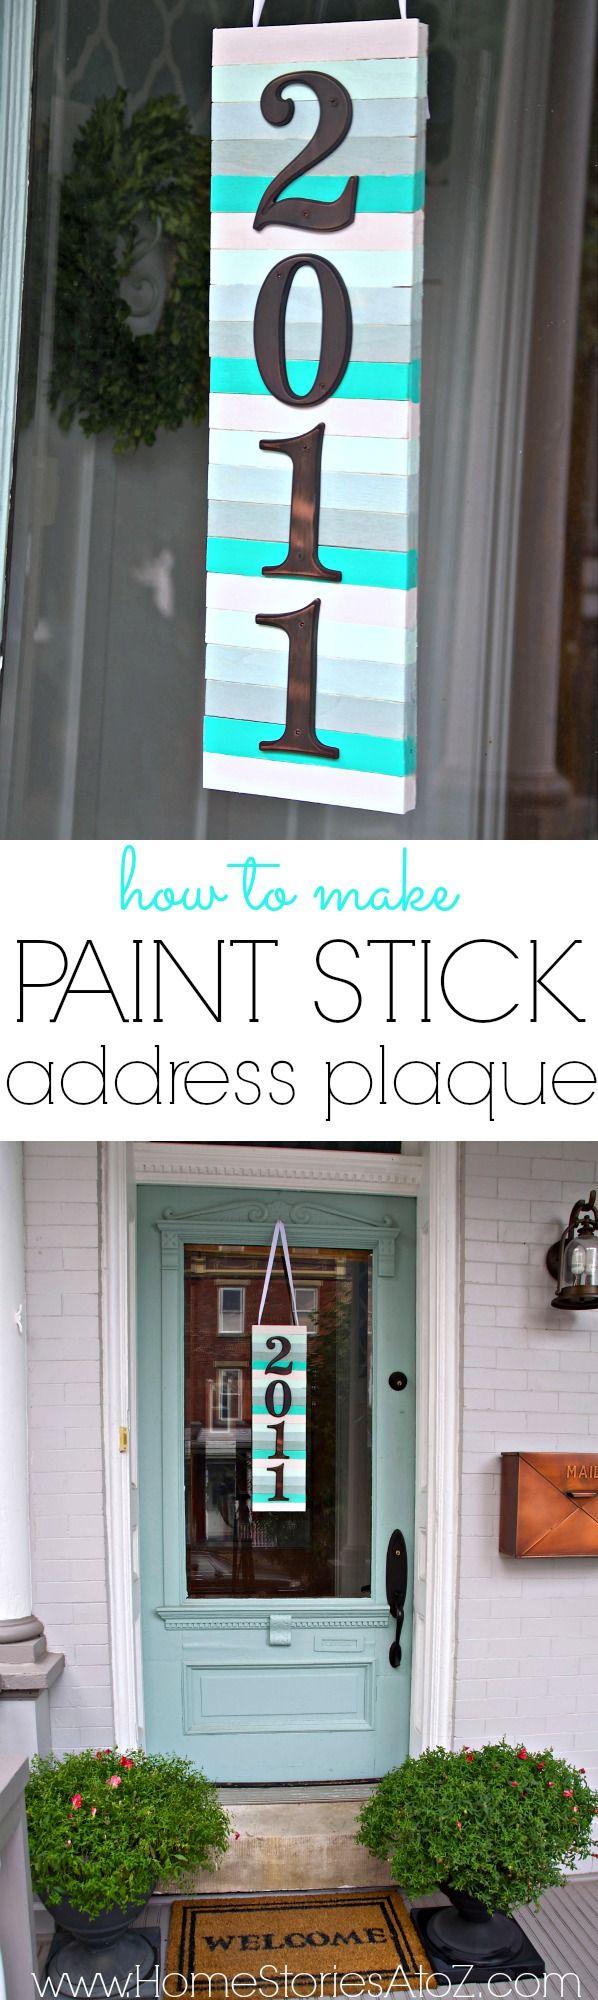 DIY Paint stick address plaque